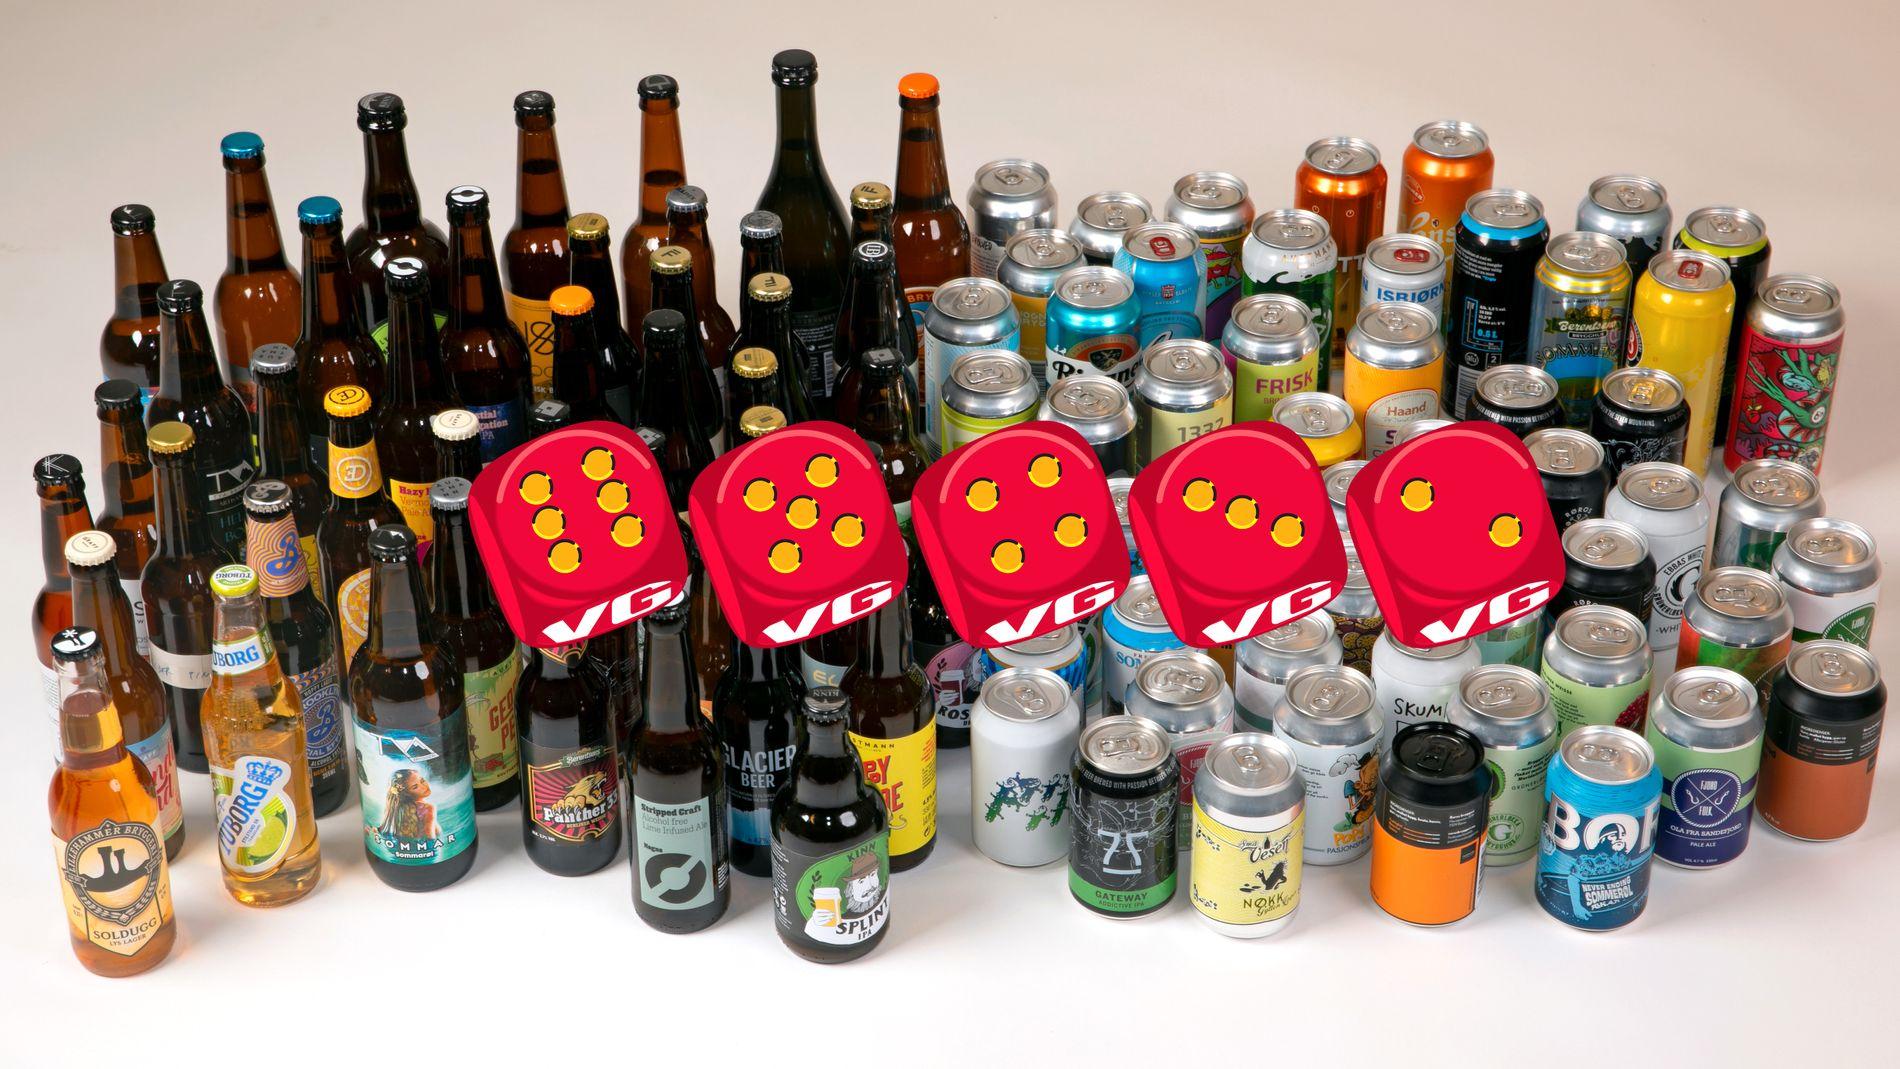 KJEMPETEST: Over 100 øl er testet og 90 produkter er kvalifisert til å være med i denne testen av norske sommerøl.